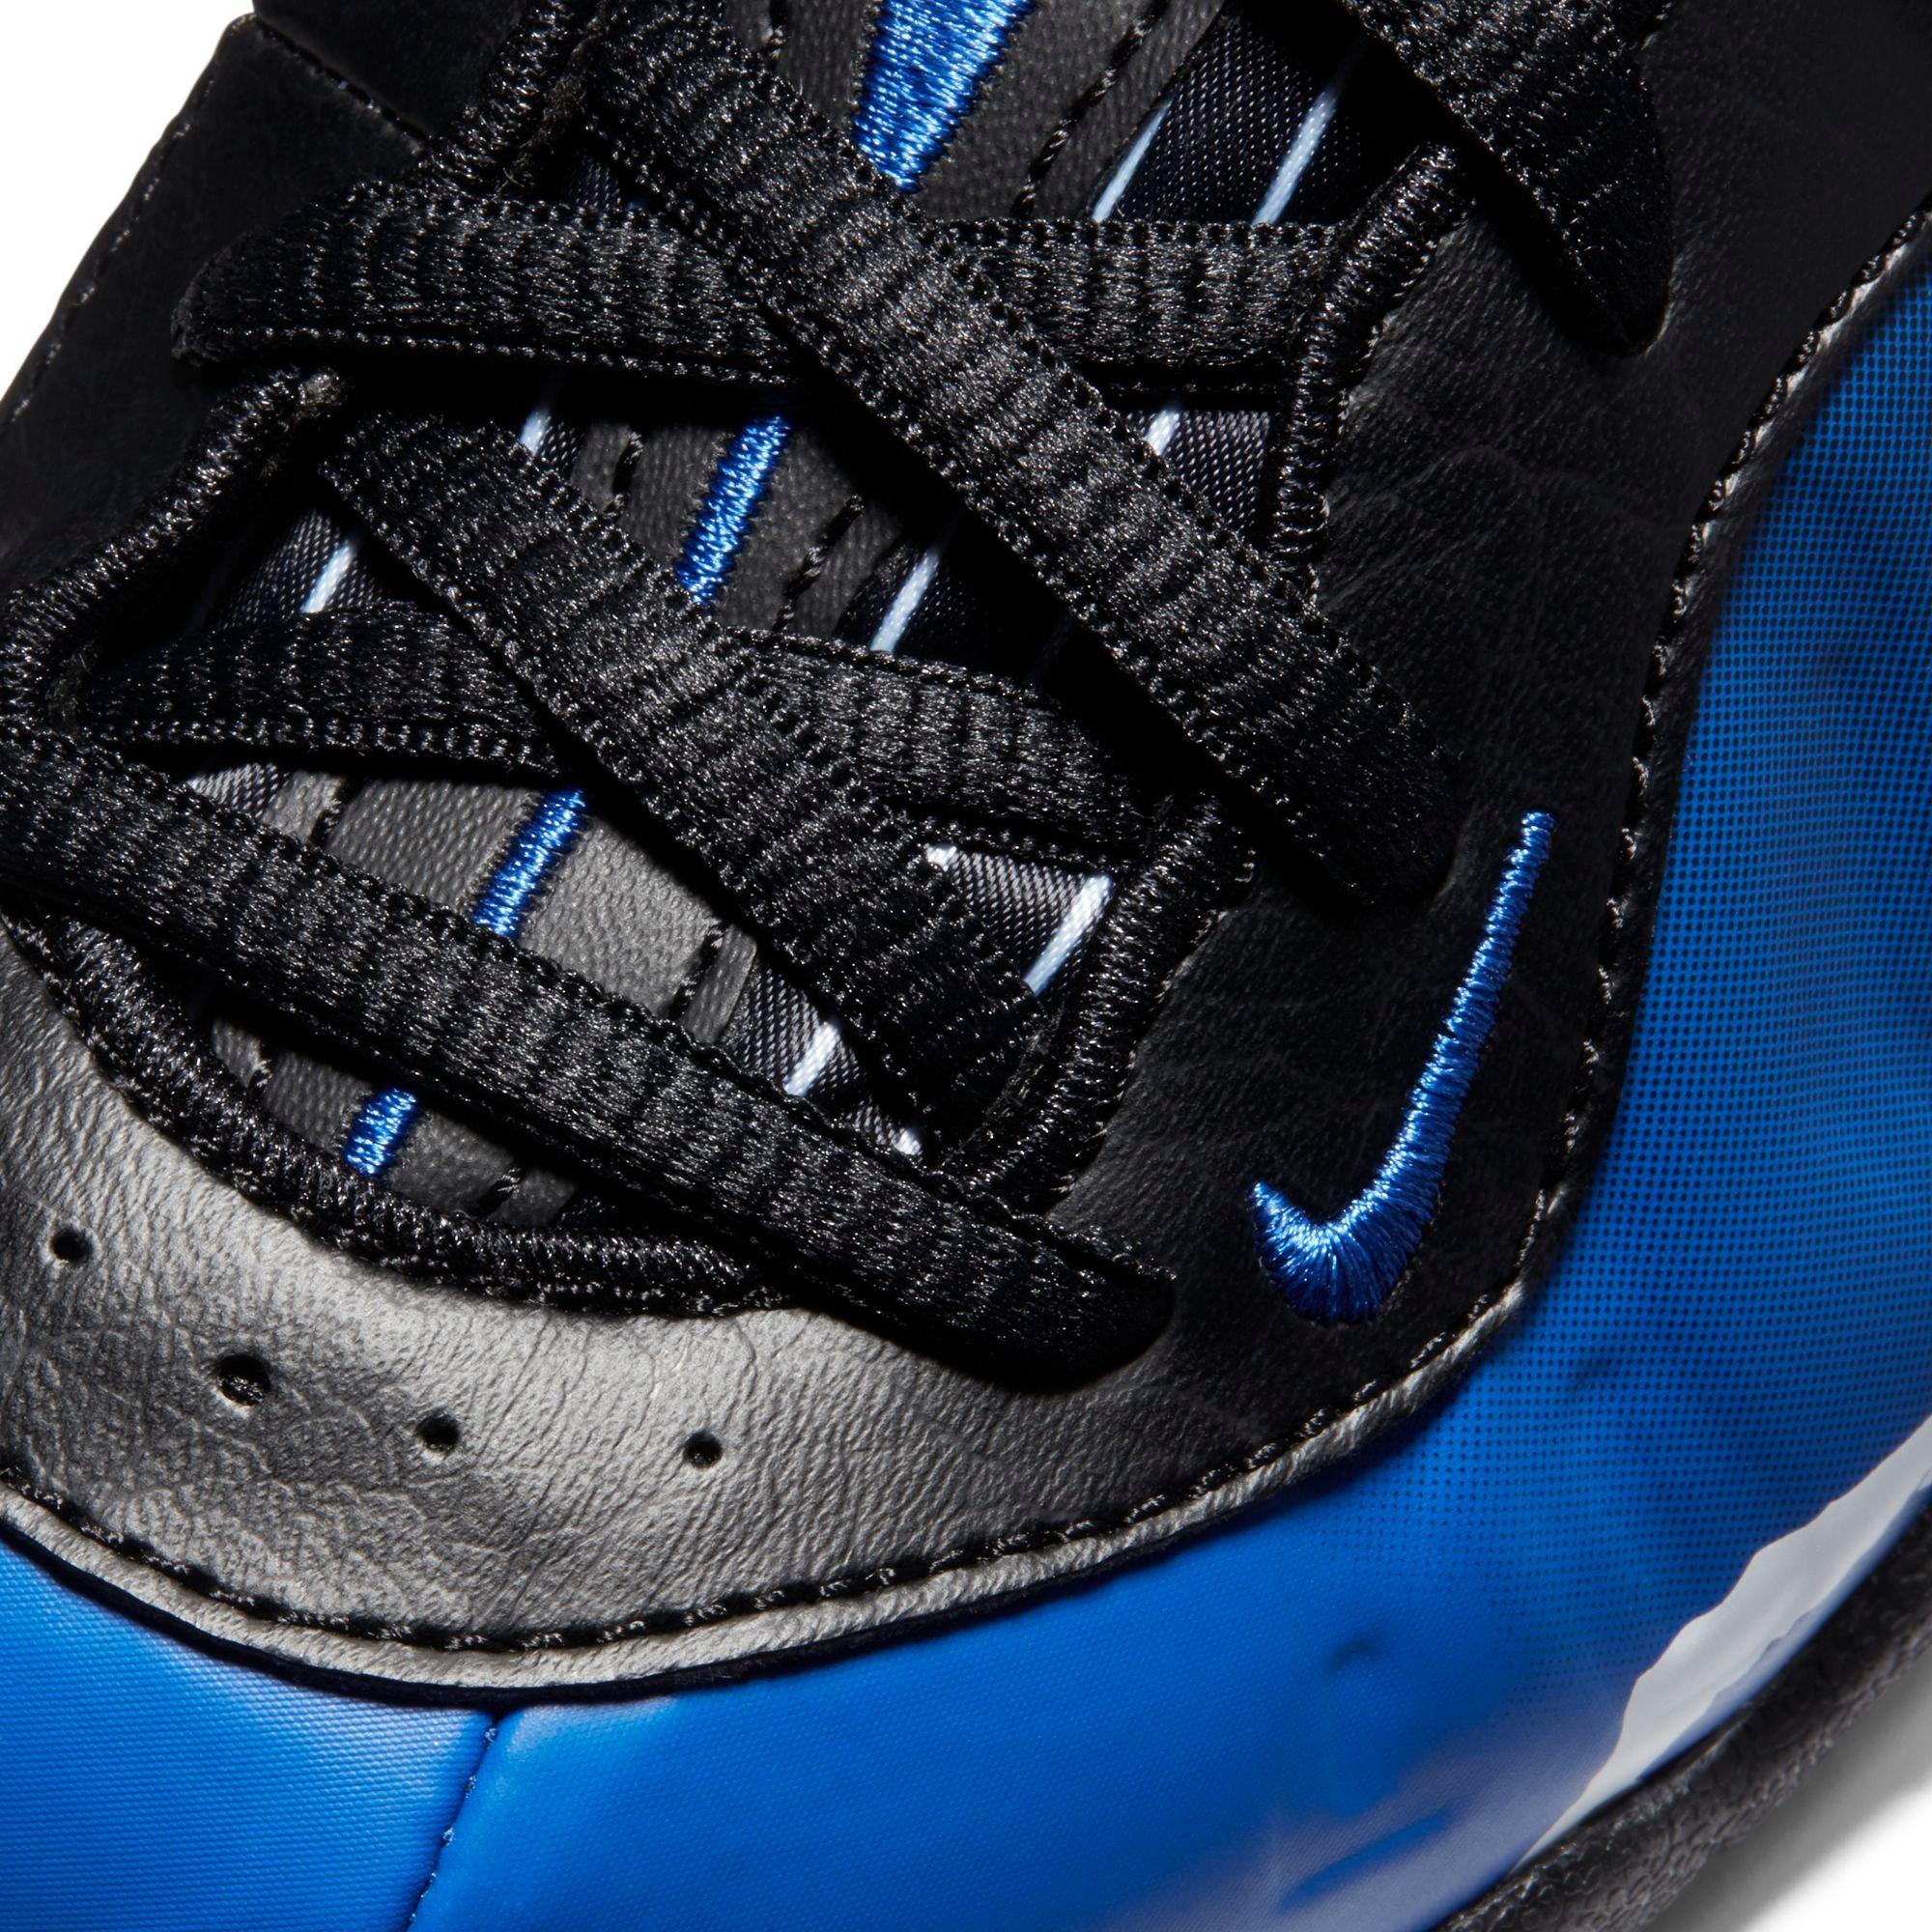 Nike Air Foamposite One Copper Black Metallic Copper ...